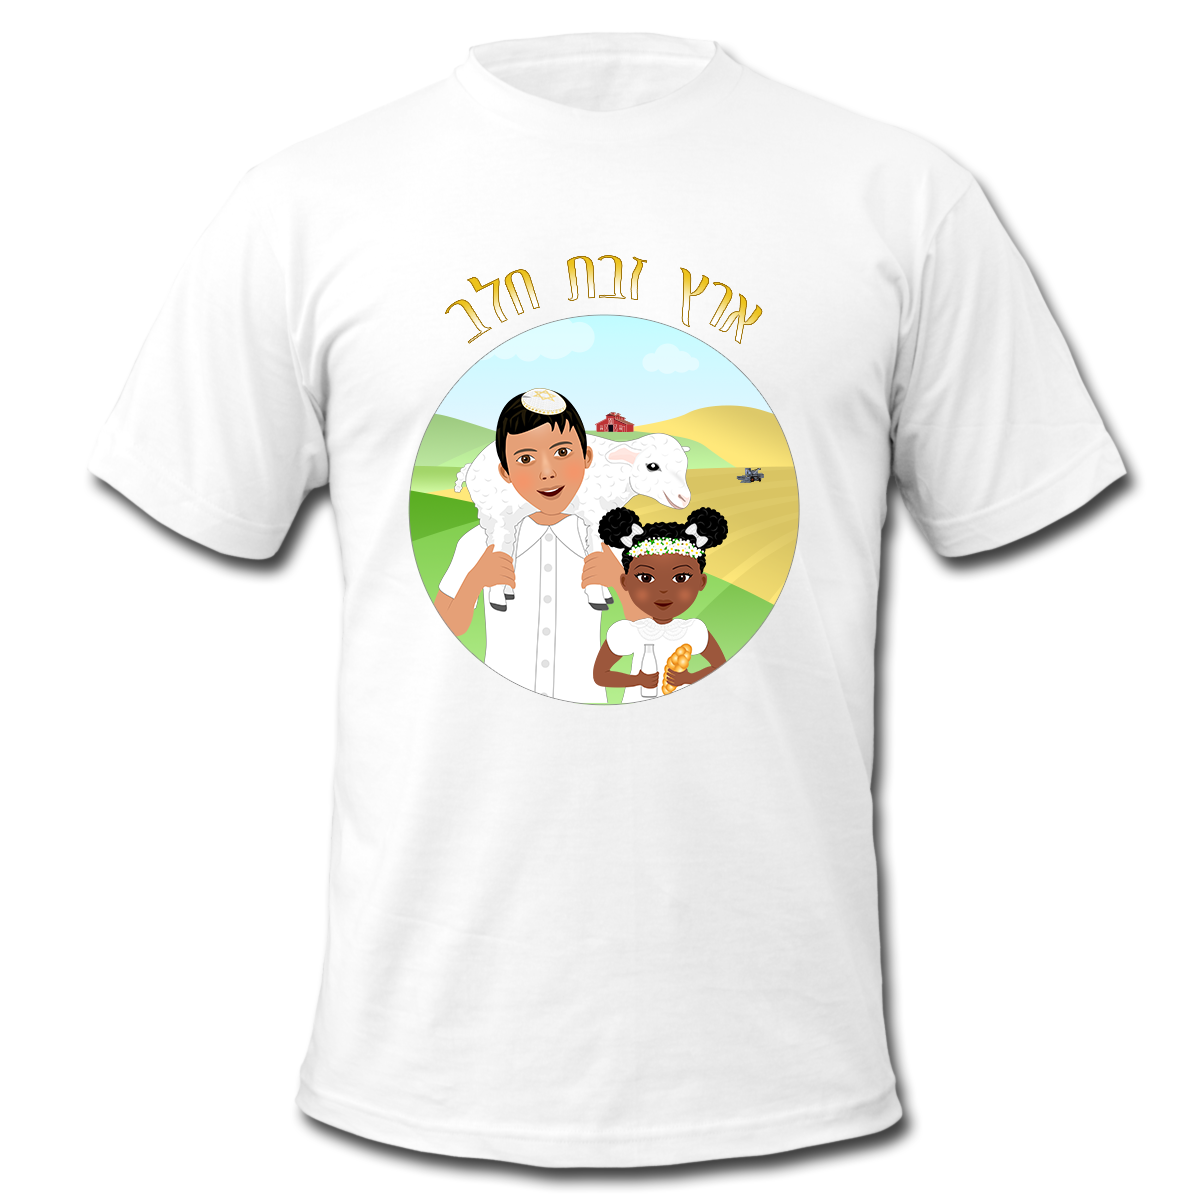 חולצות מעוצבות - ארץ זבת חלב